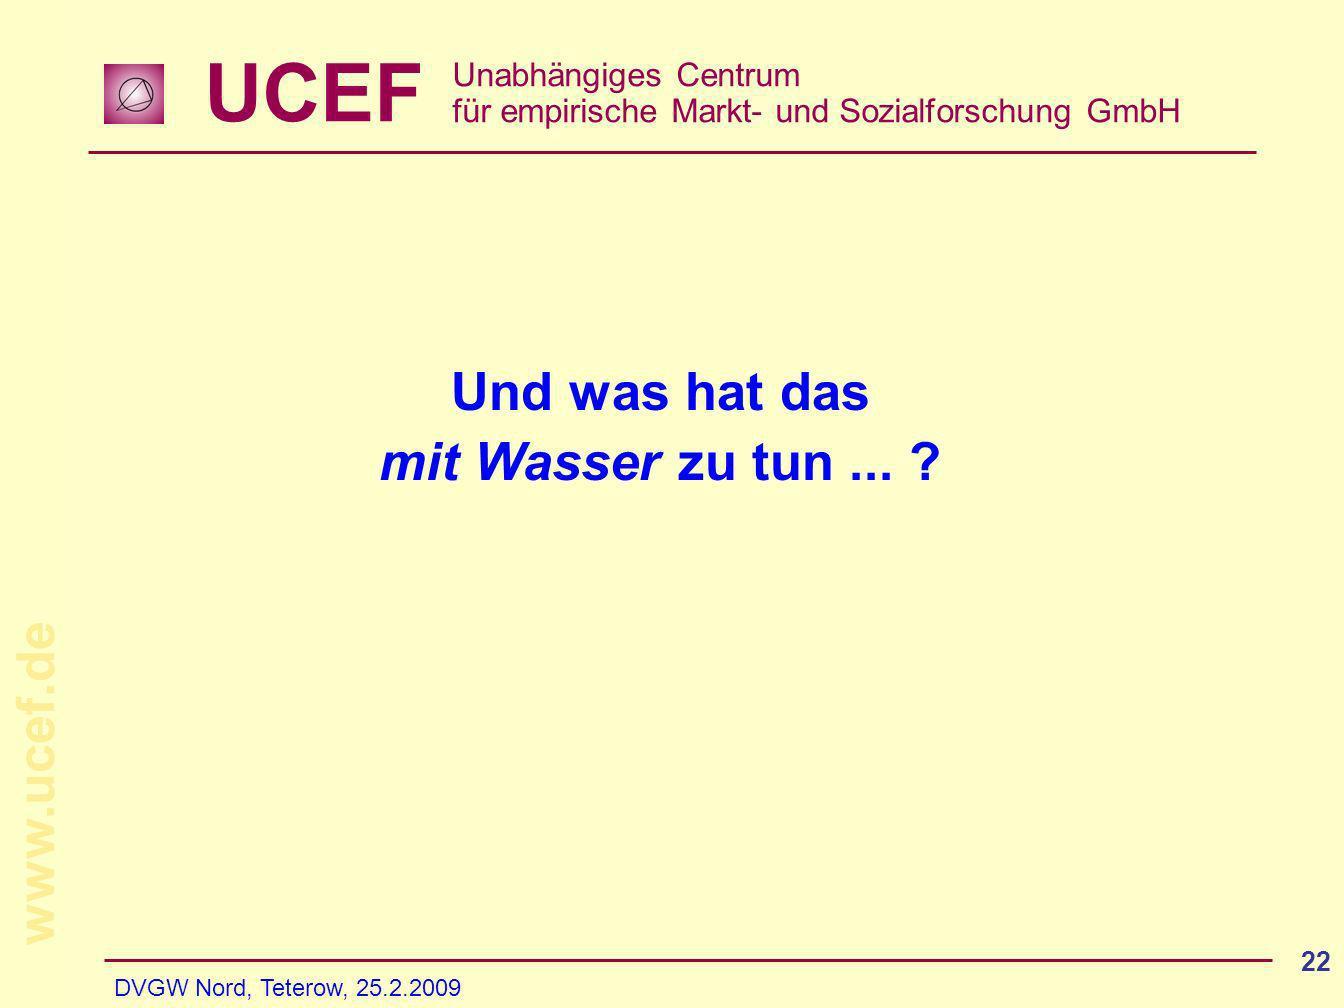 UCEF Unabhängiges Centrum für empirische Markt- und Sozialforschung GmbH www.ucef.de DVGW Nord, Teterow, 25.2.2009 22 Und was hat das mit Wasser zu tu